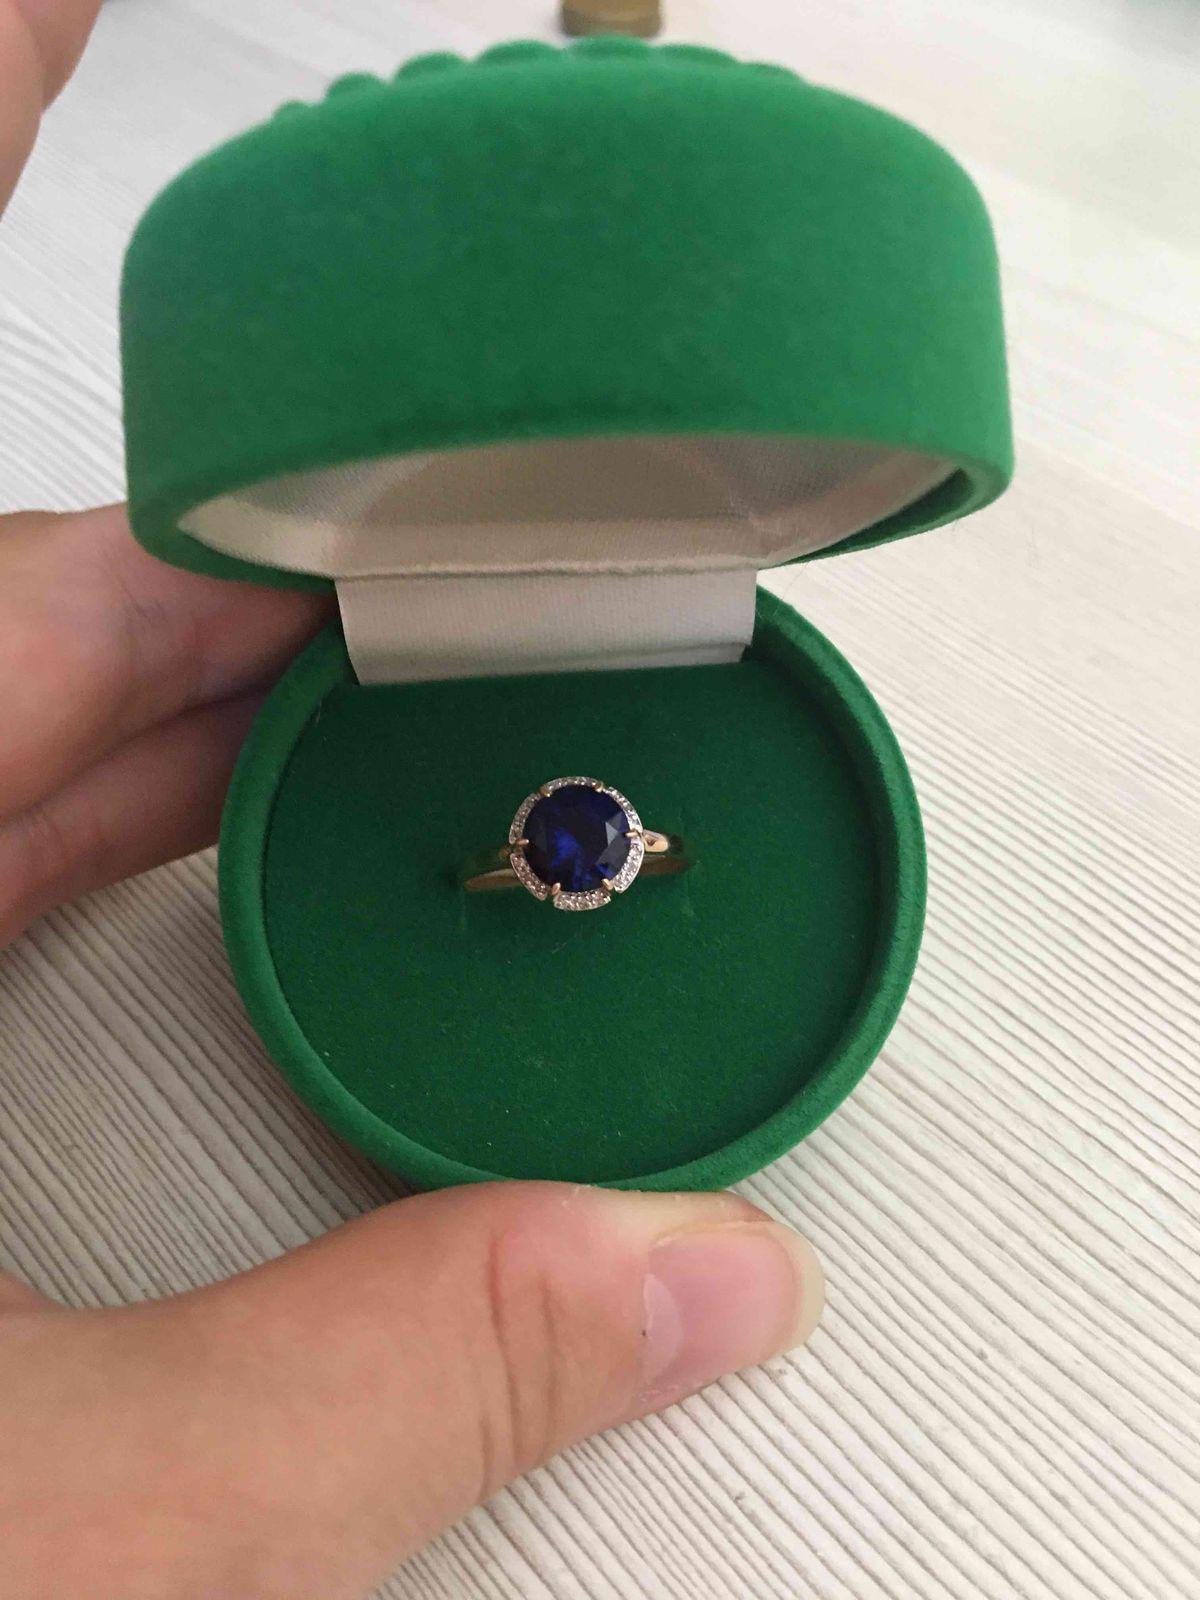 Замечательное кольцо в подарок от мужа!